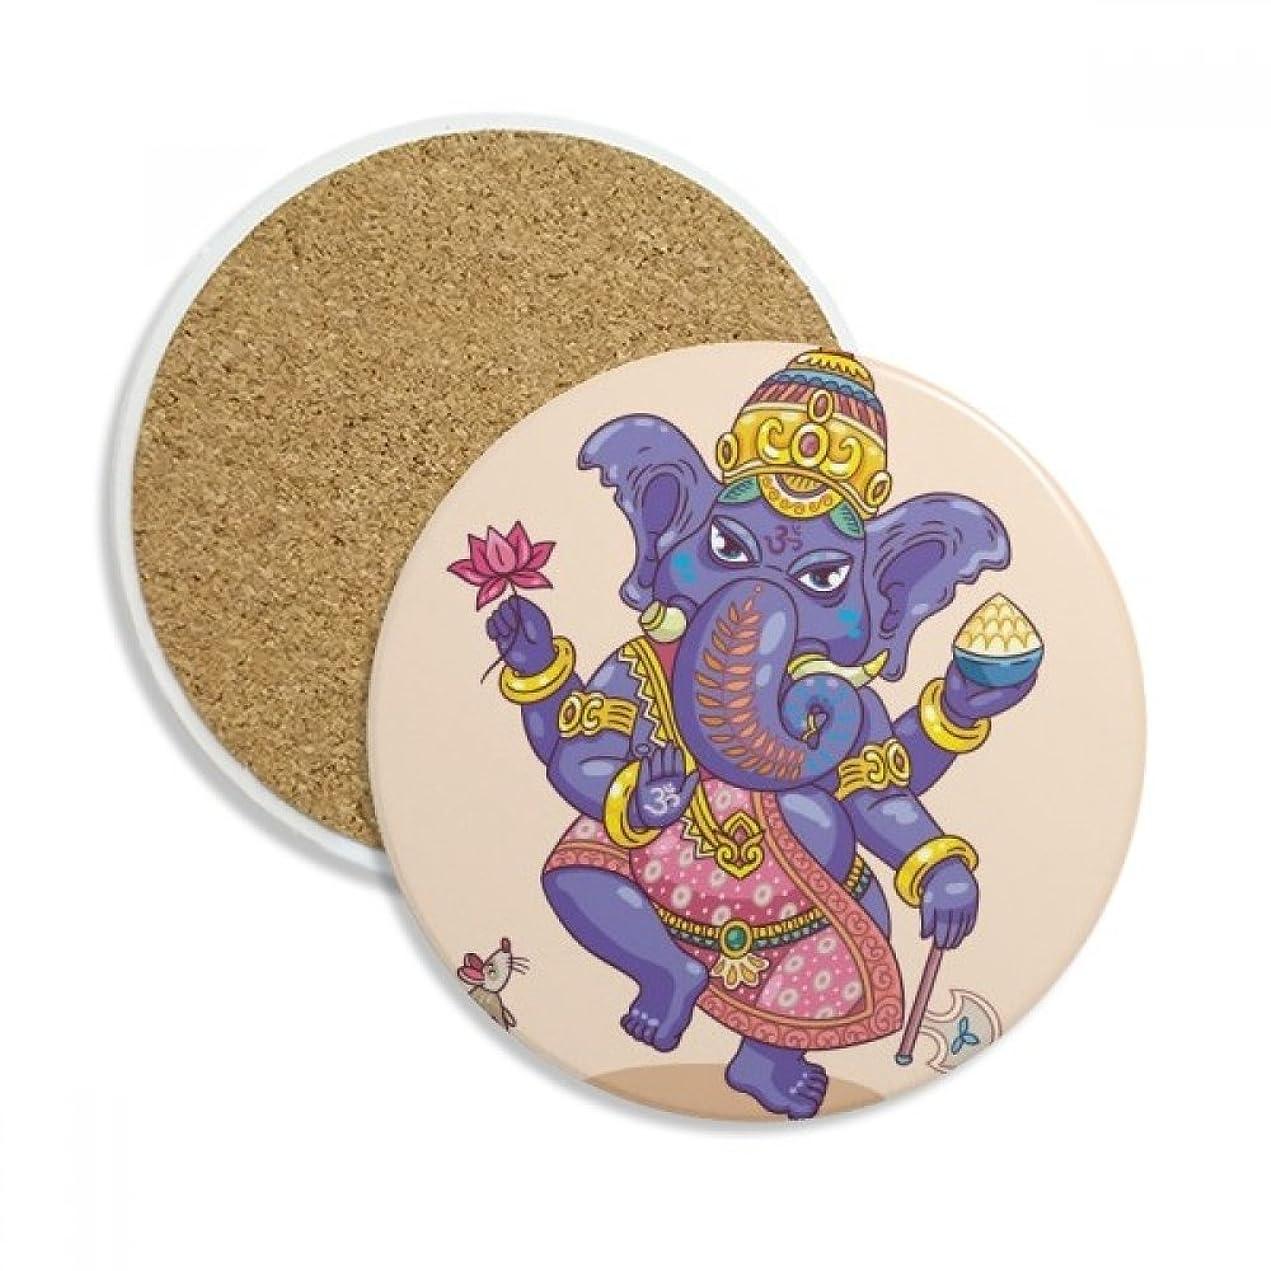 国家確執また明日ね仏教の宗教は仏教の象のロータス マグカップギフト2本のための石のドリンクセラミックコースター